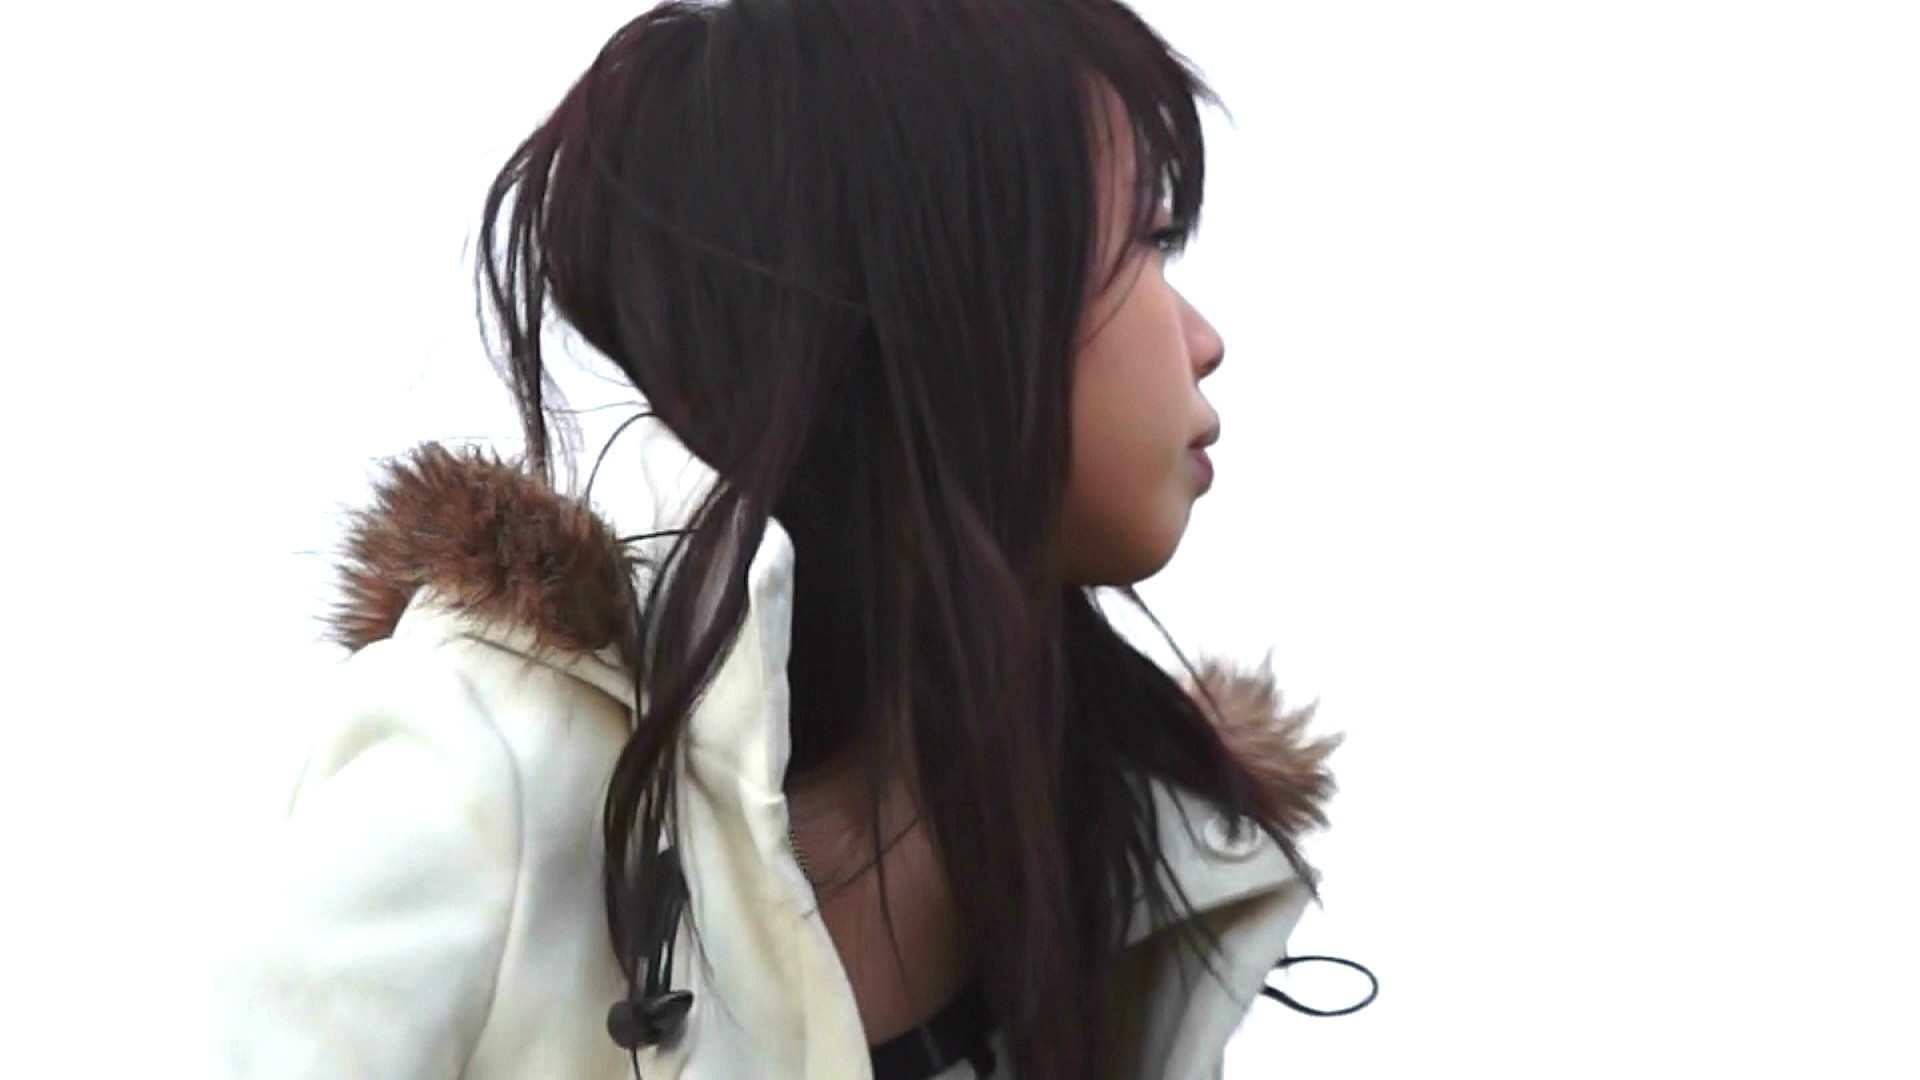 vol.2 自宅近く思い出の地で黄昏る志穂さん 高画質 AV無料 83画像 74